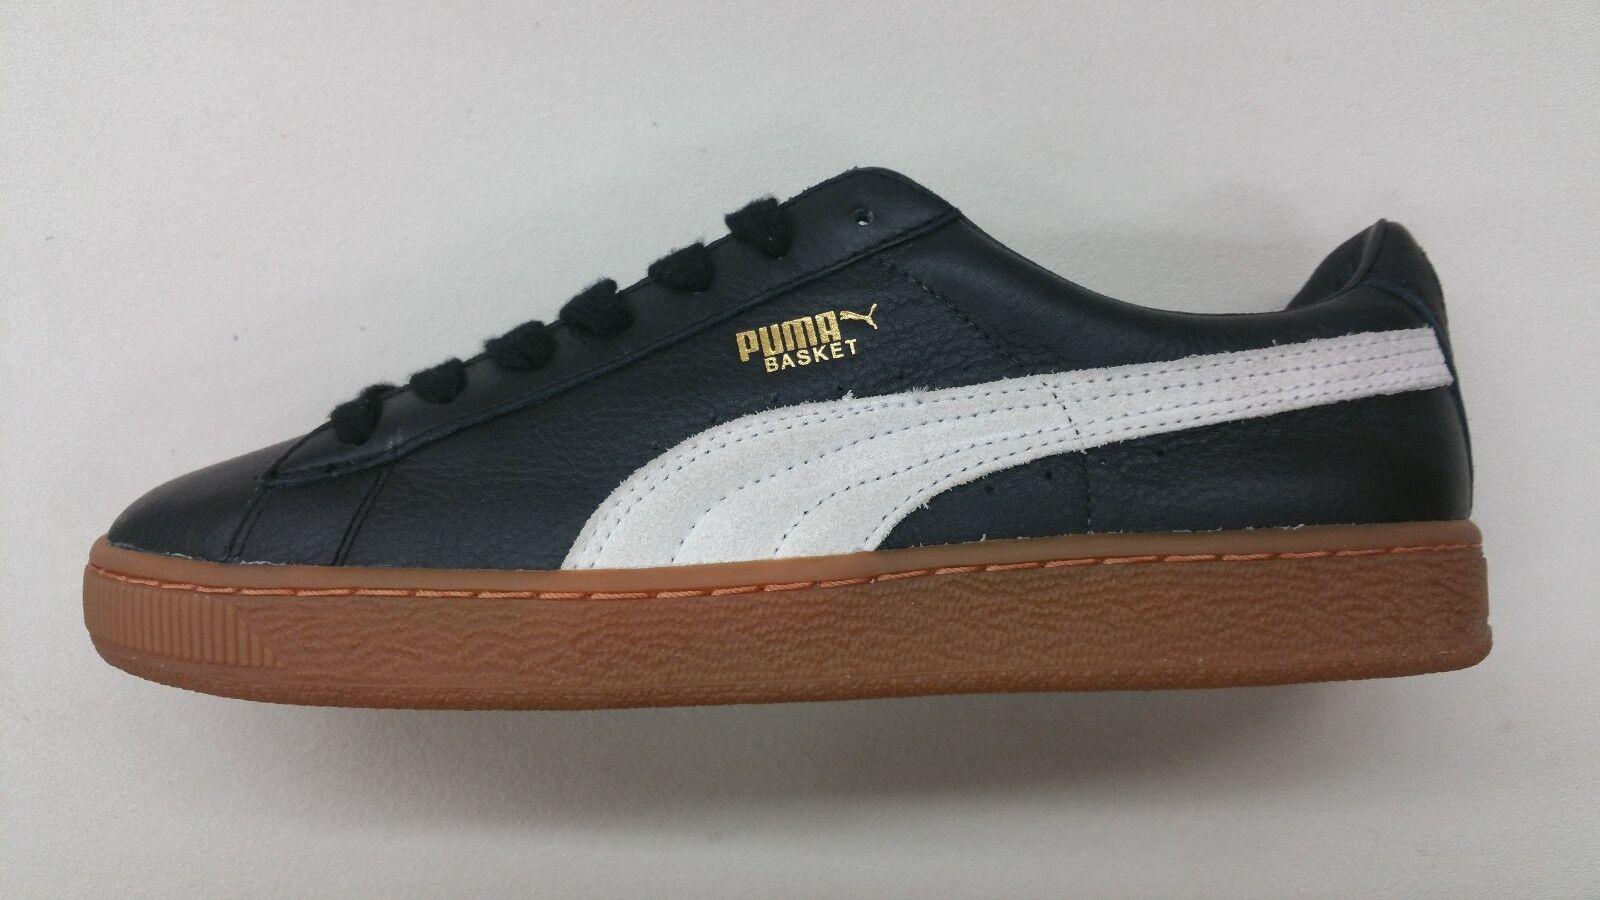 Puma Basket II 2 Negro Blanco Bottom Gum Bottom Blanco Classic Hombre zapatos de temporada 351912-36 1701-45 recortes de precios, beneficios de descuentos fd51ea